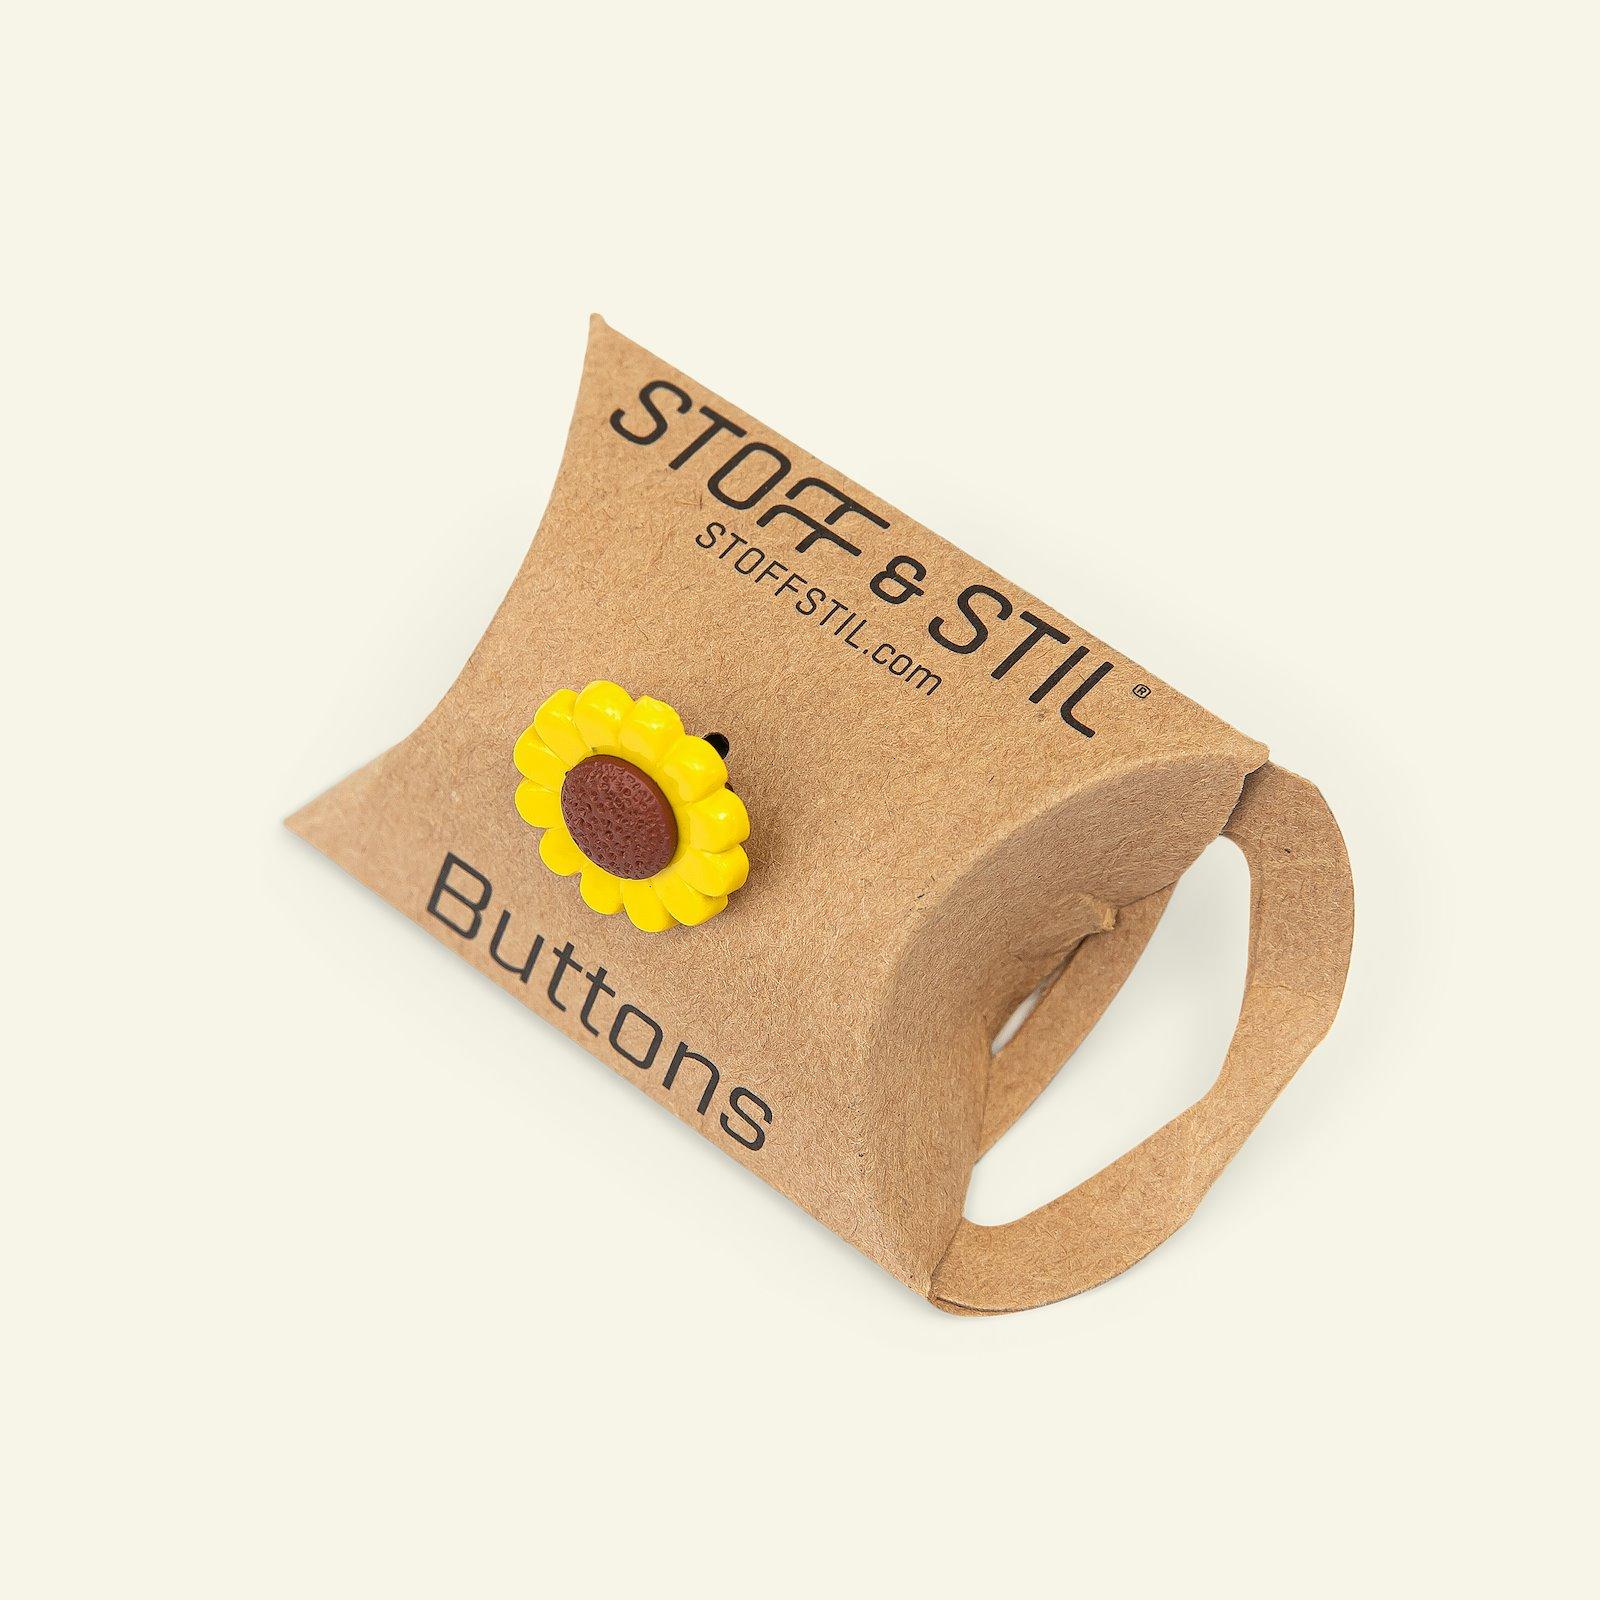 Shank button sunflower 18mm yellow 4pcs 33297_pack_b